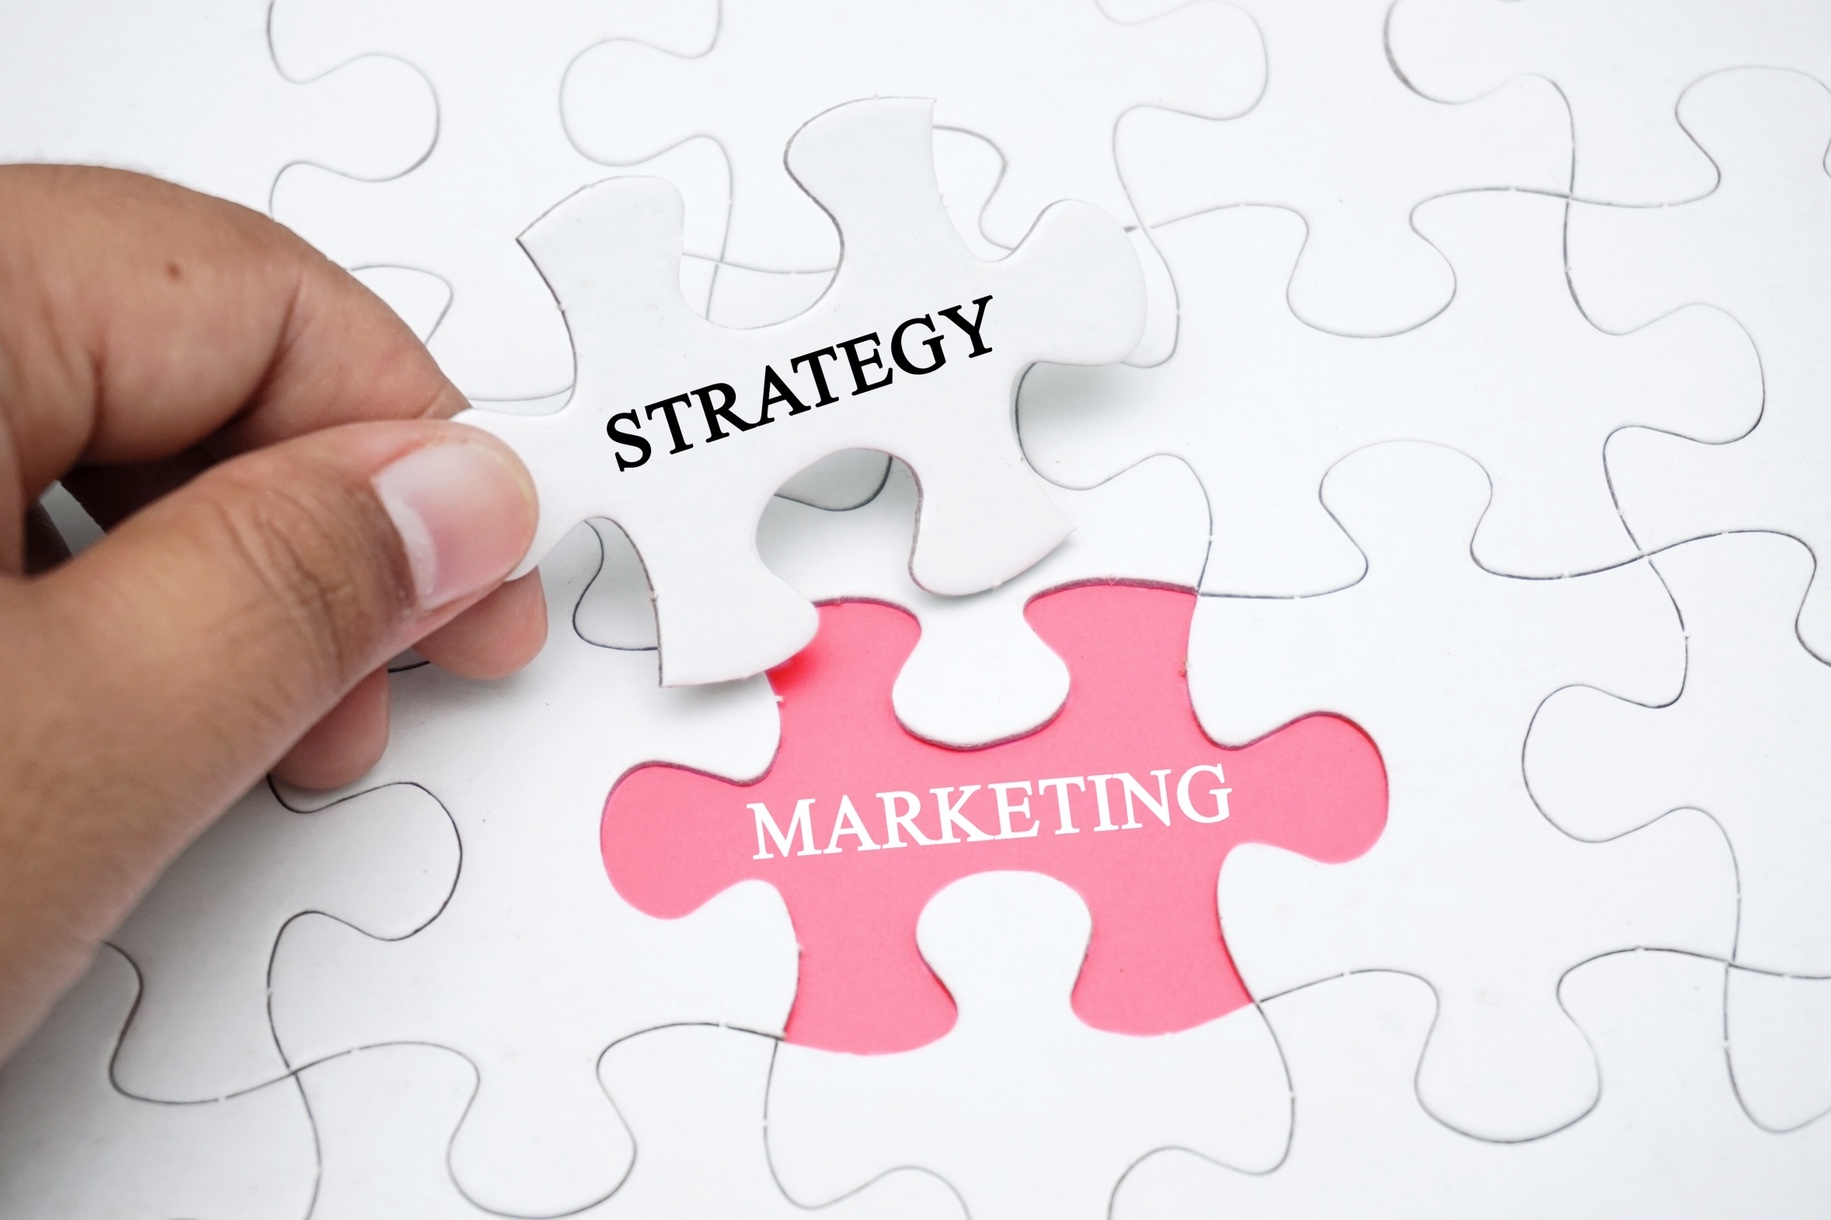 استراتژی مارکتینگ